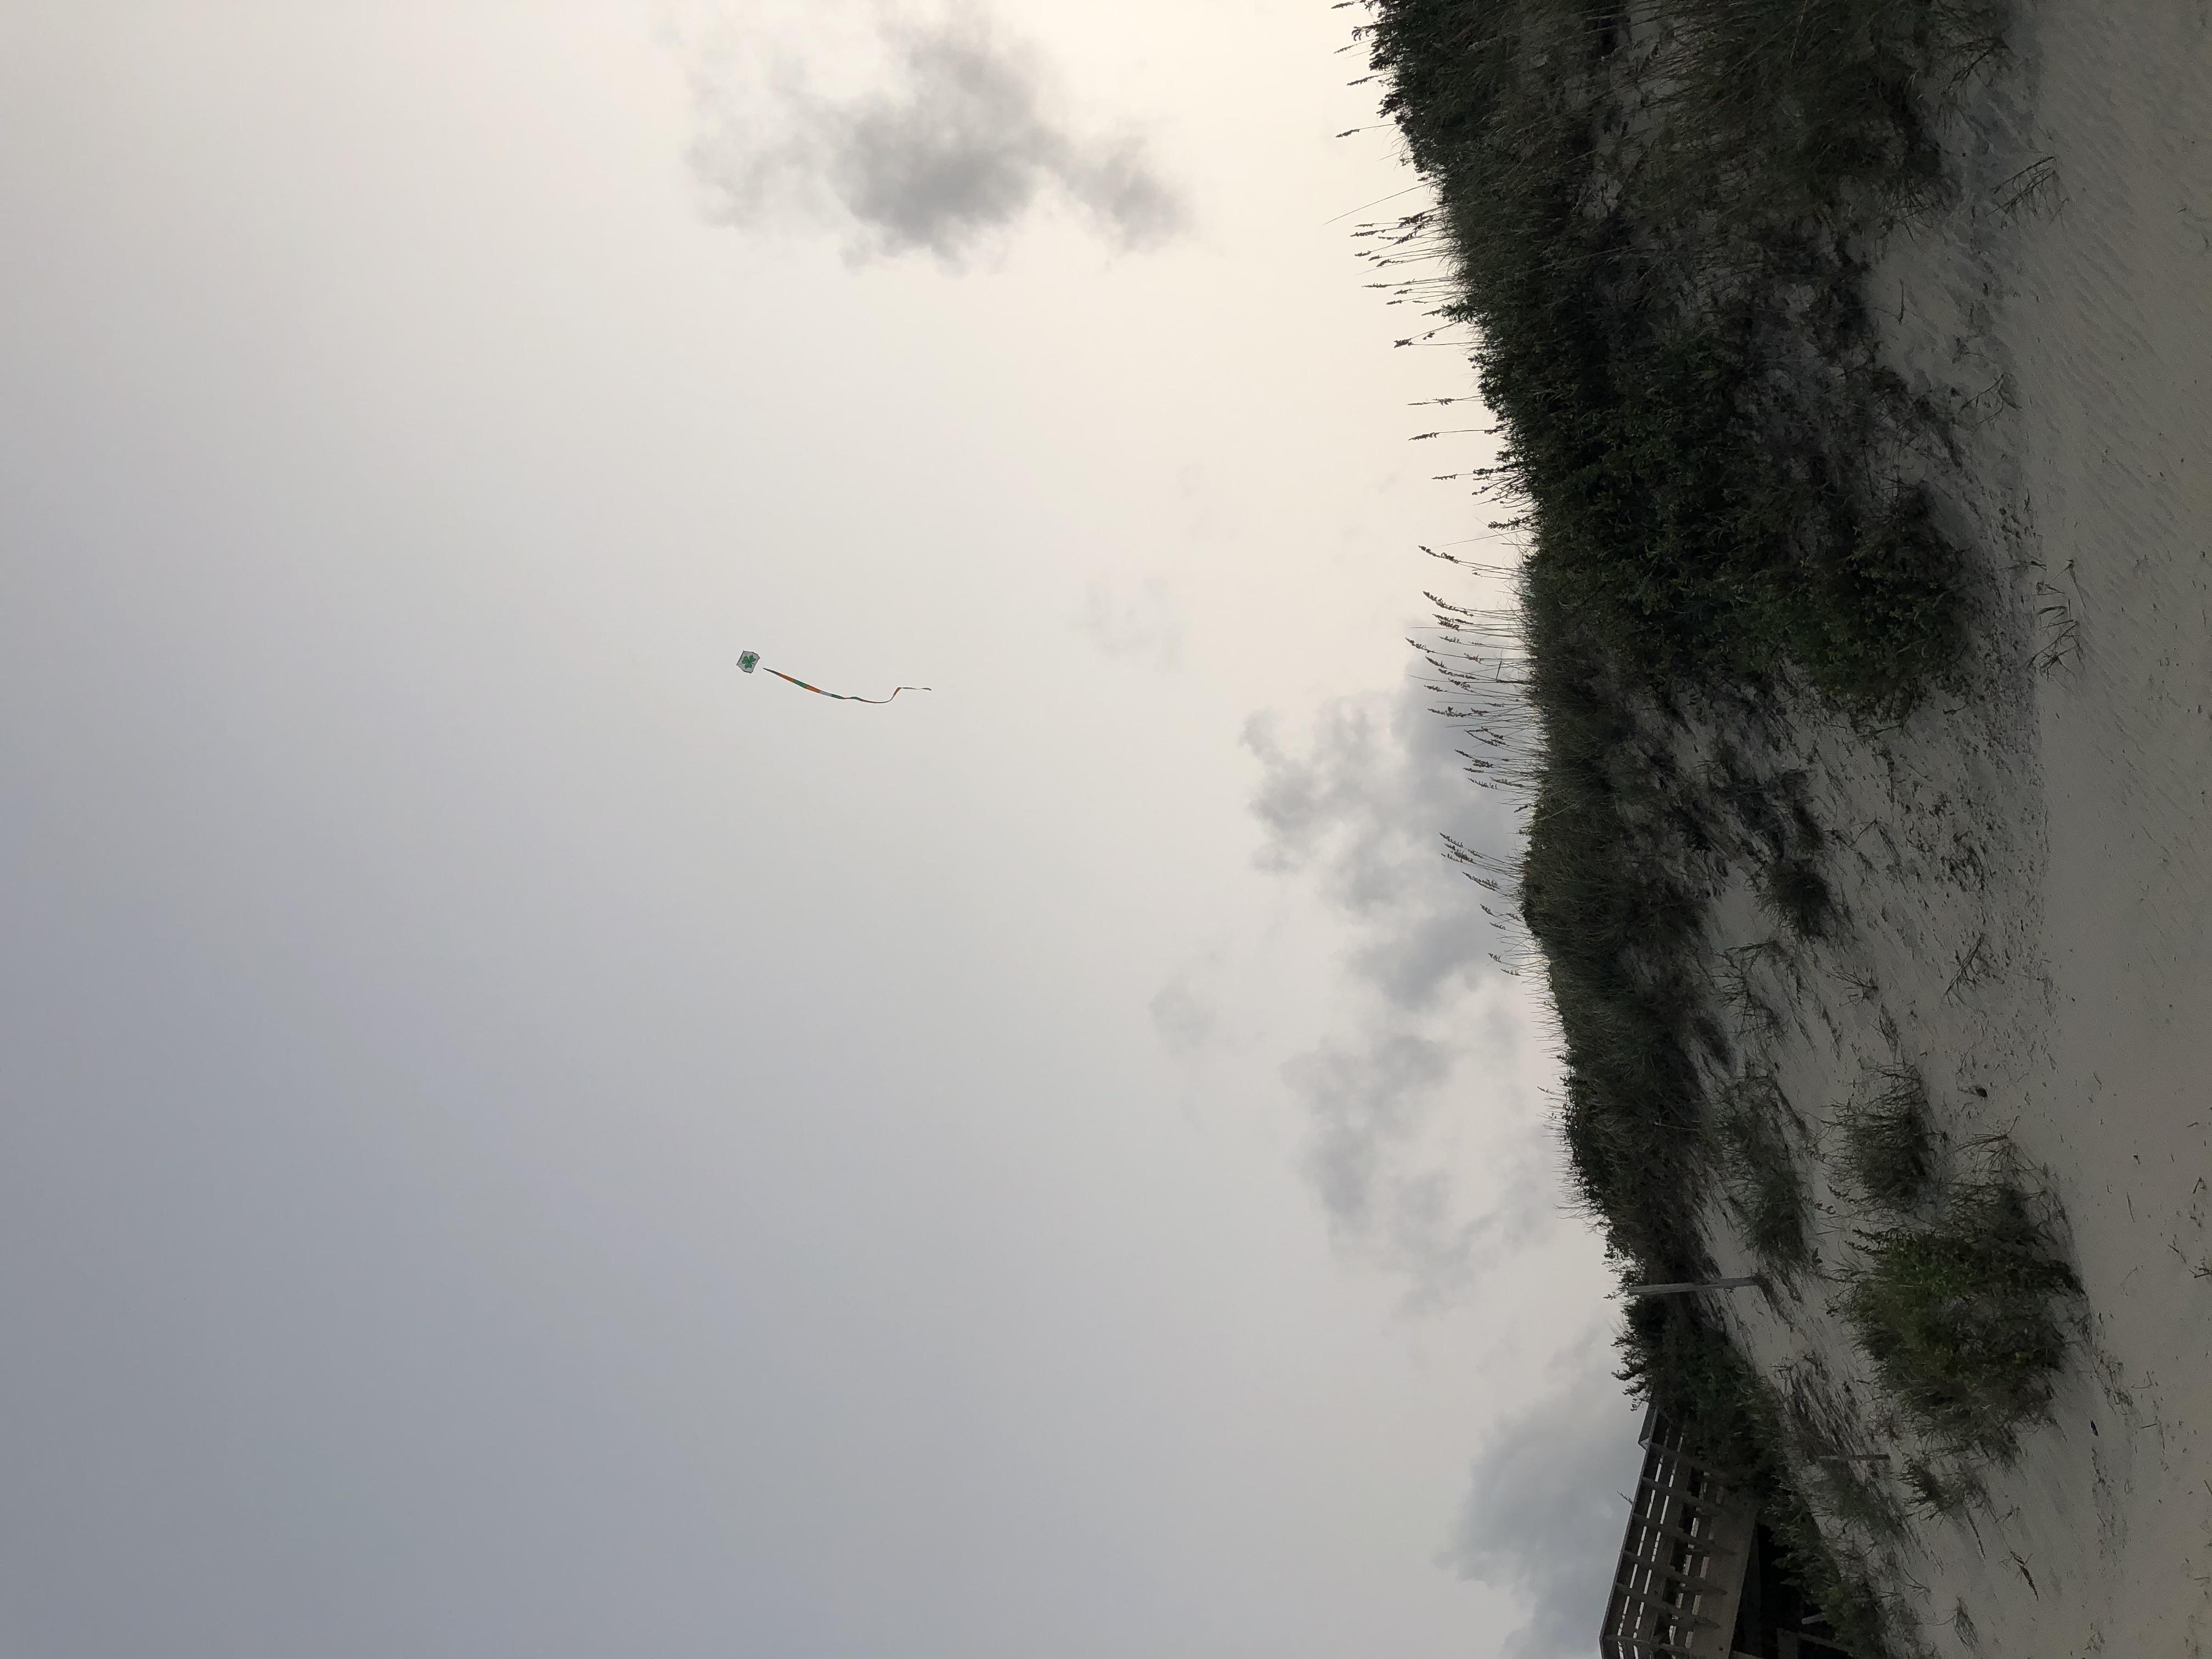 Flyringokite beach1